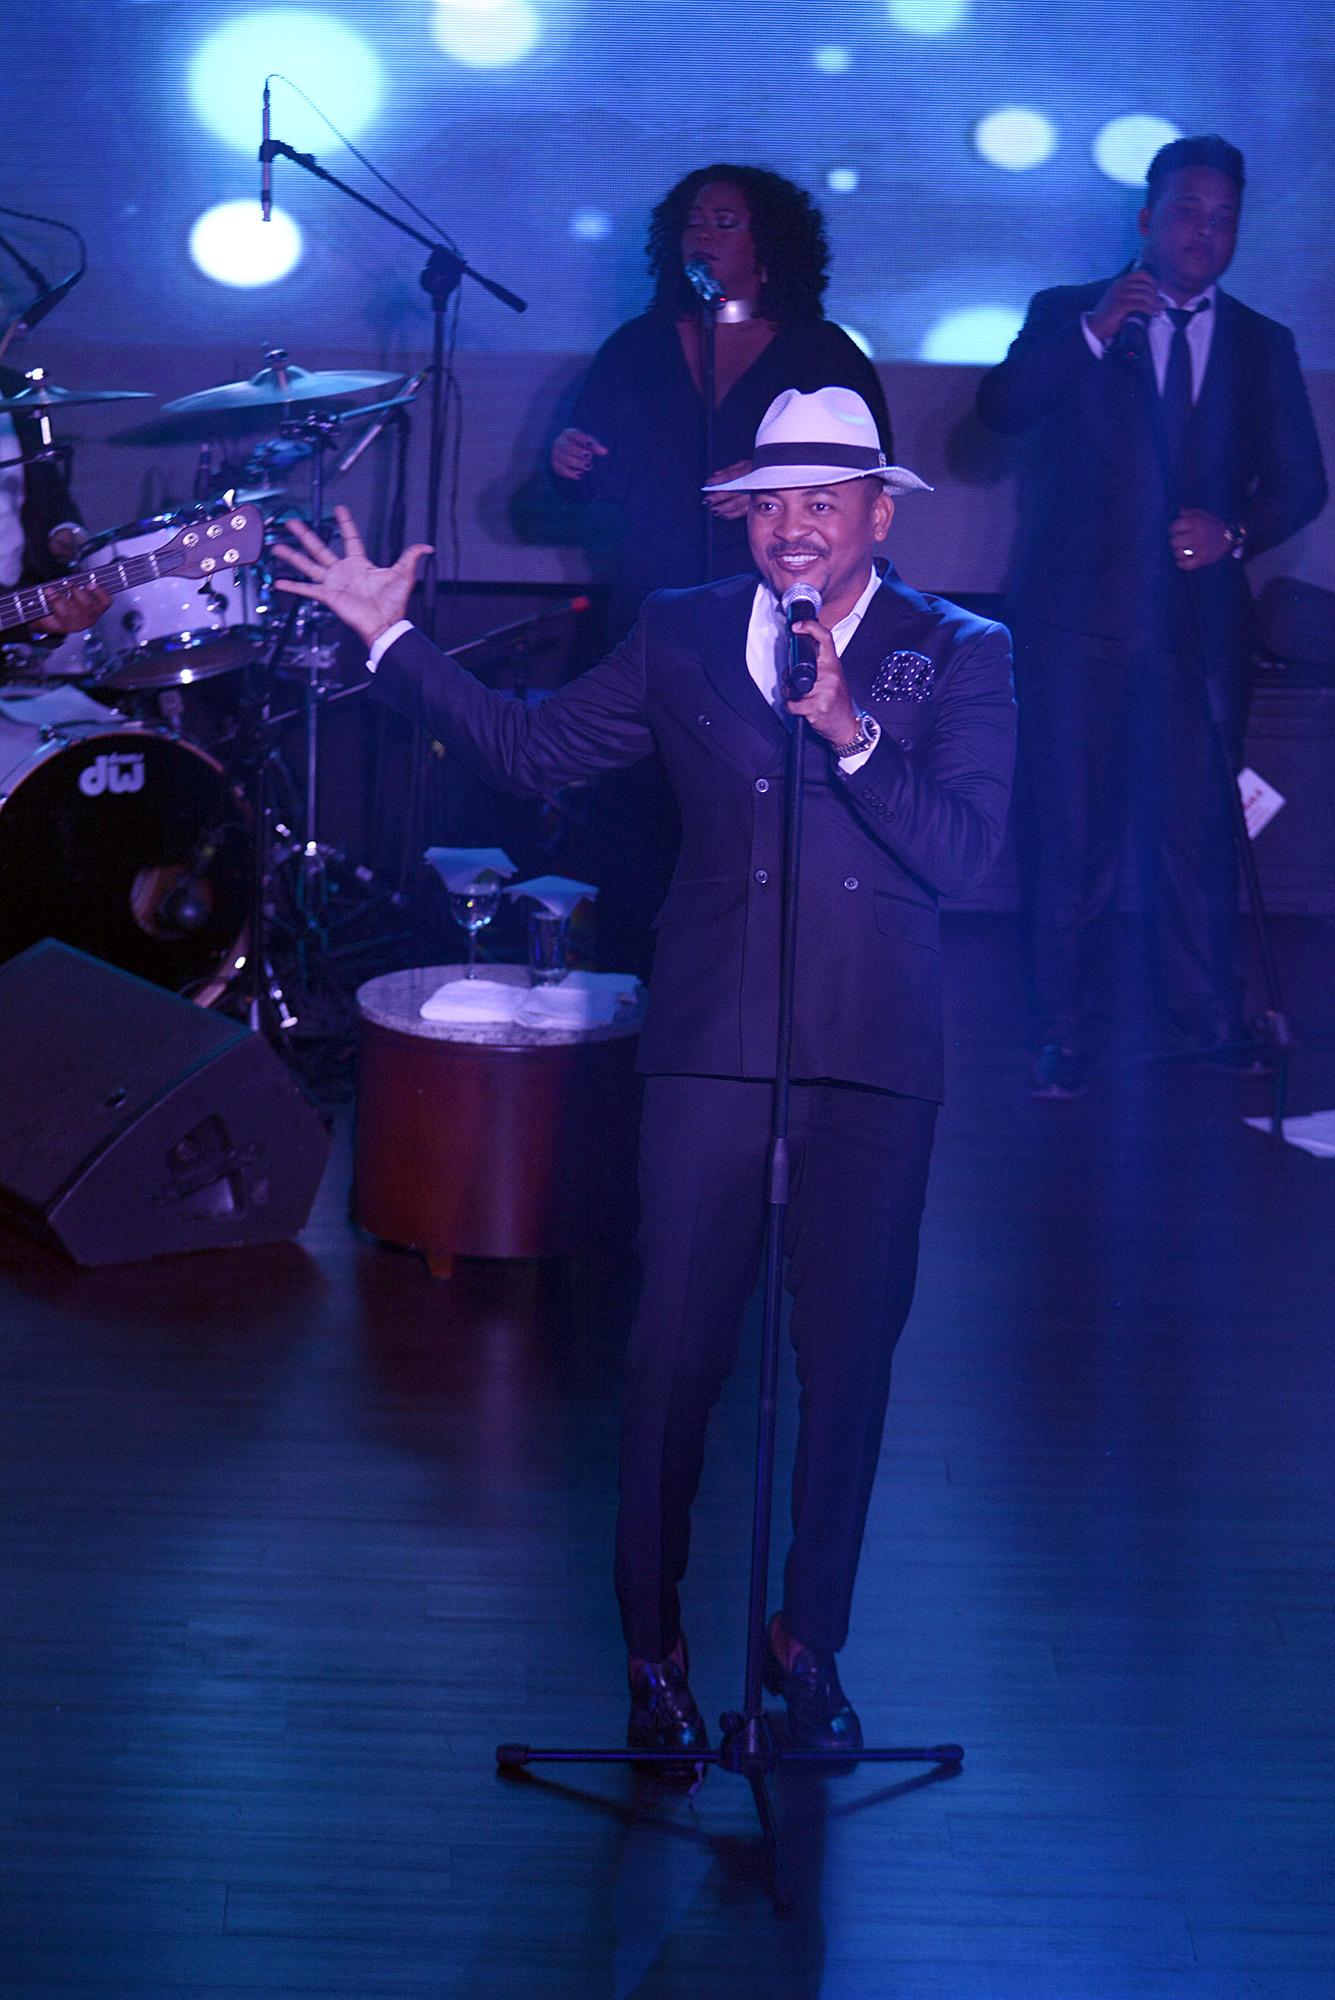 Galería de fotos: Wason cierra exitoso concierto en Hard Rock café